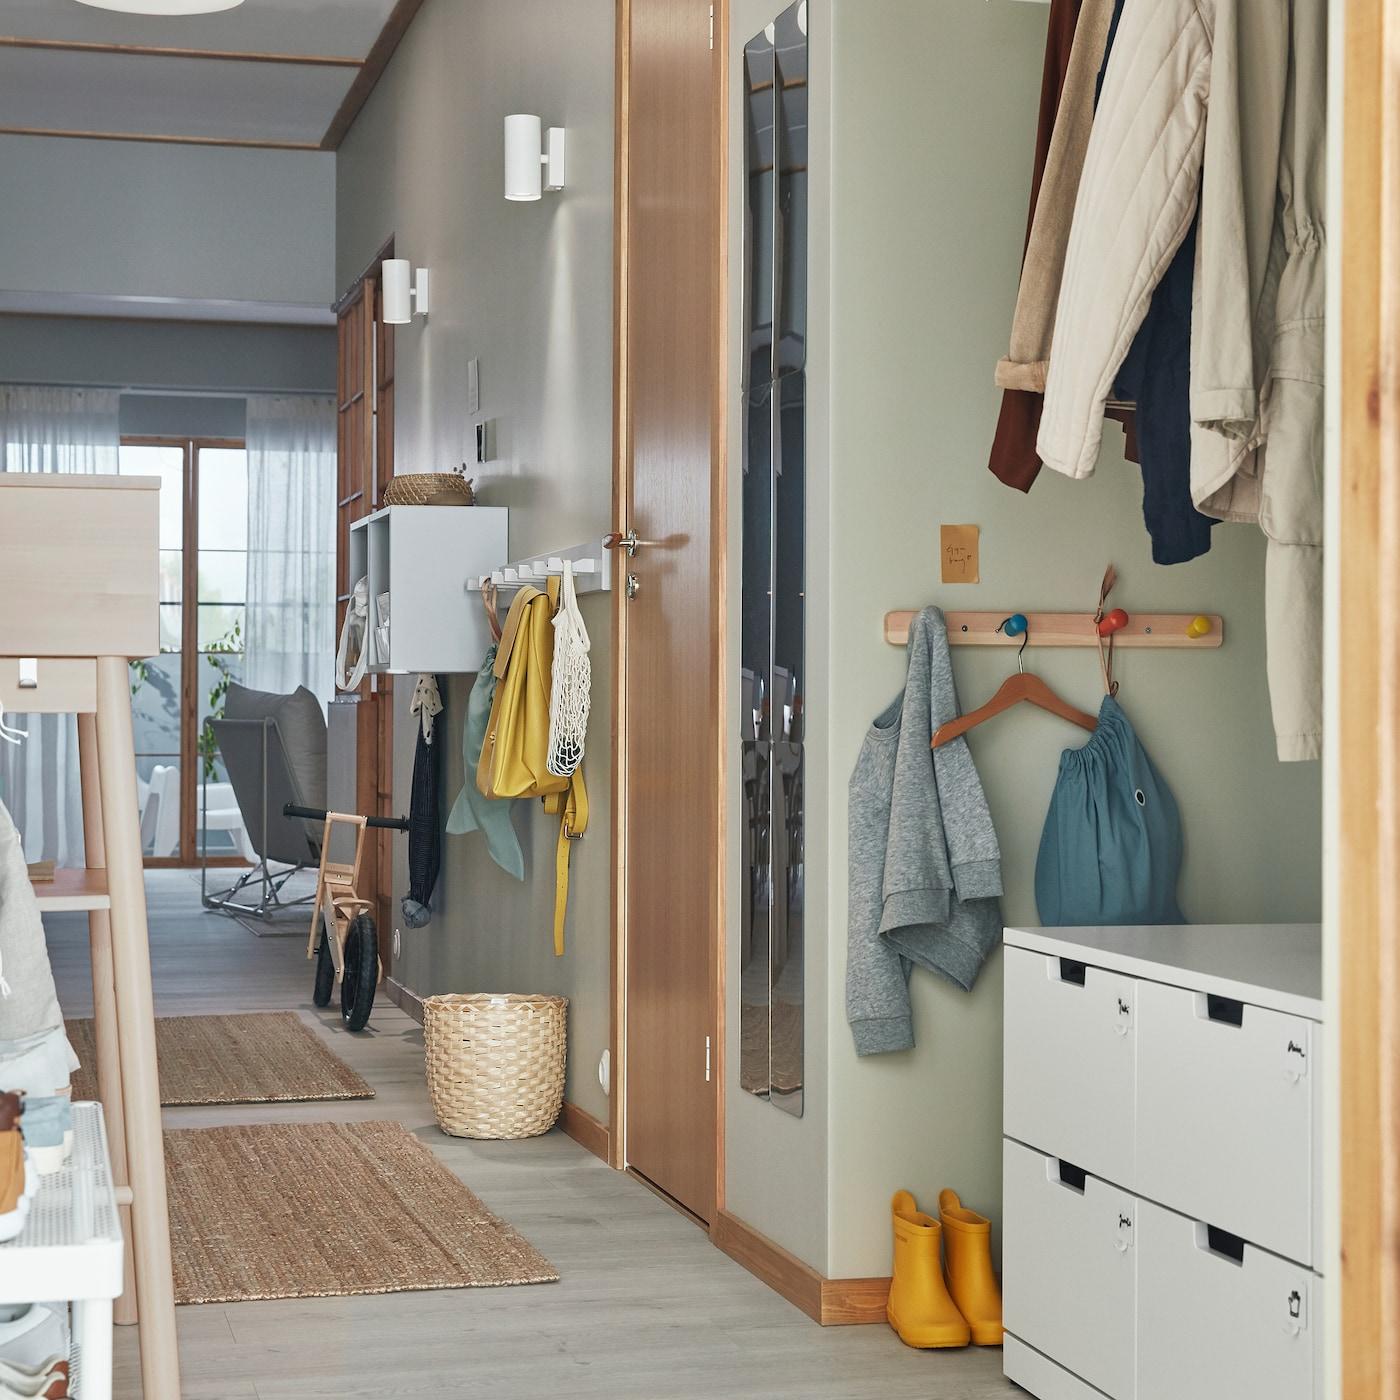 狭窄的门厅配有巧妙的储物家具,比如多钩衣帽架和抽屉柜,大人小孩都可使用。